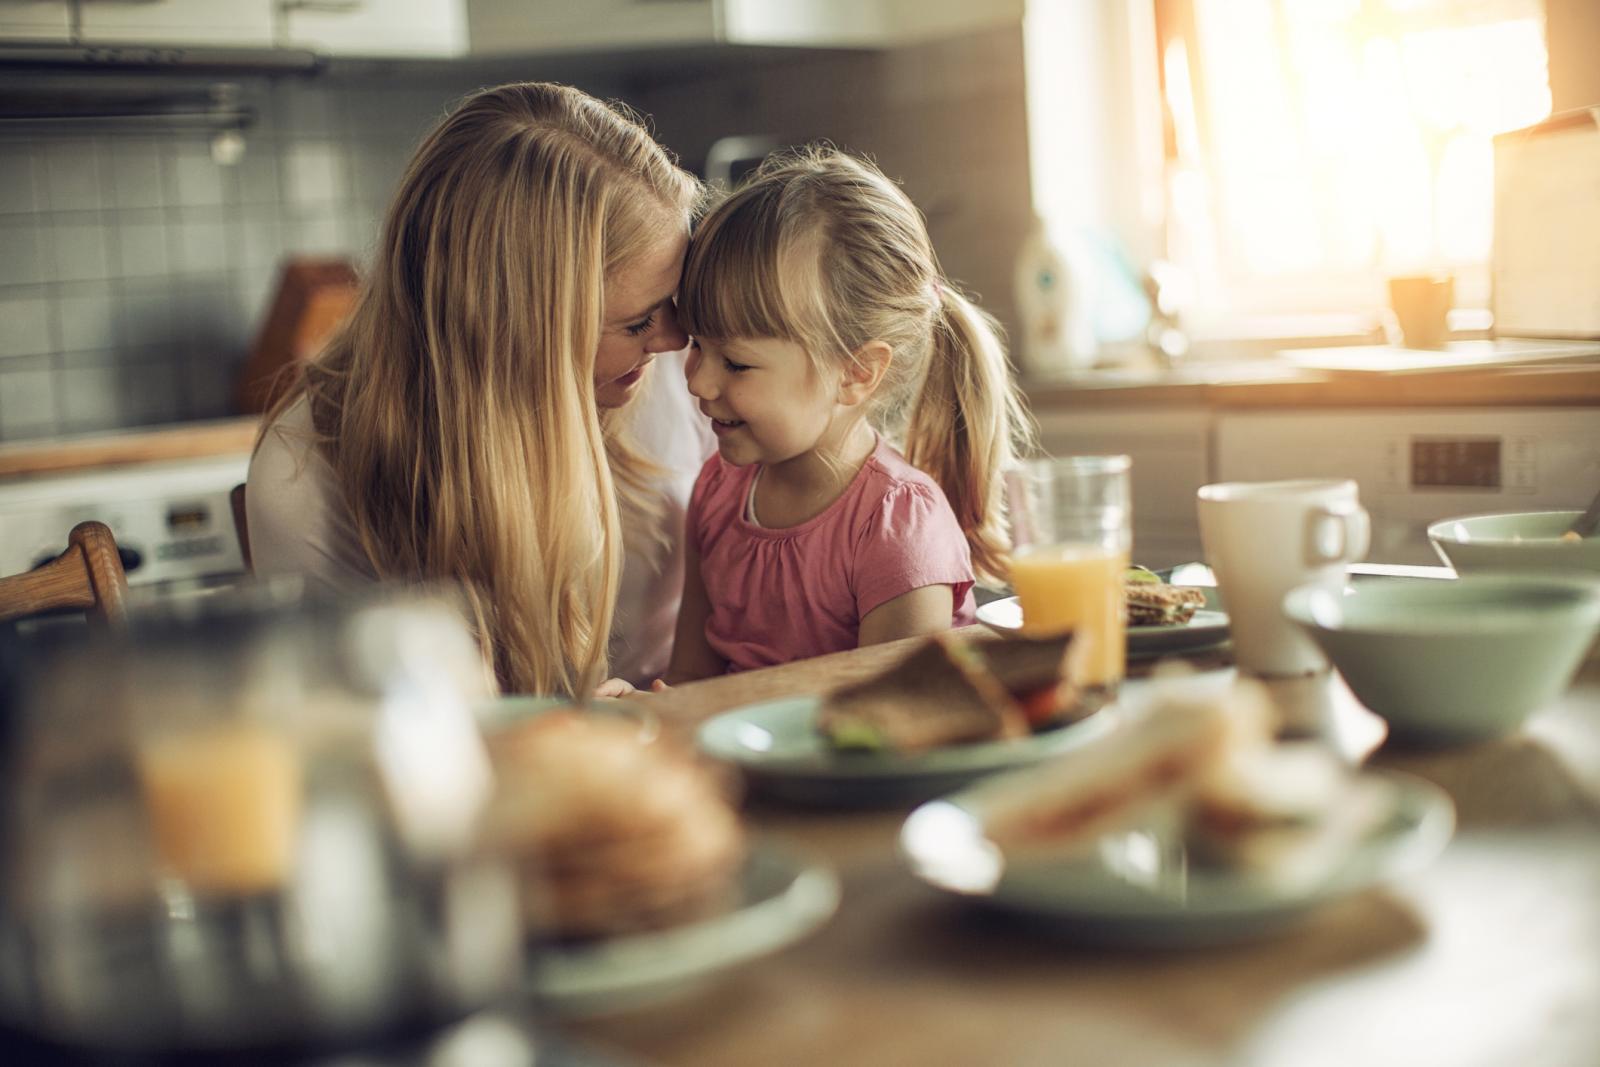 Osim što je zdrava, ova prehrana pogodna je za sve generacije.